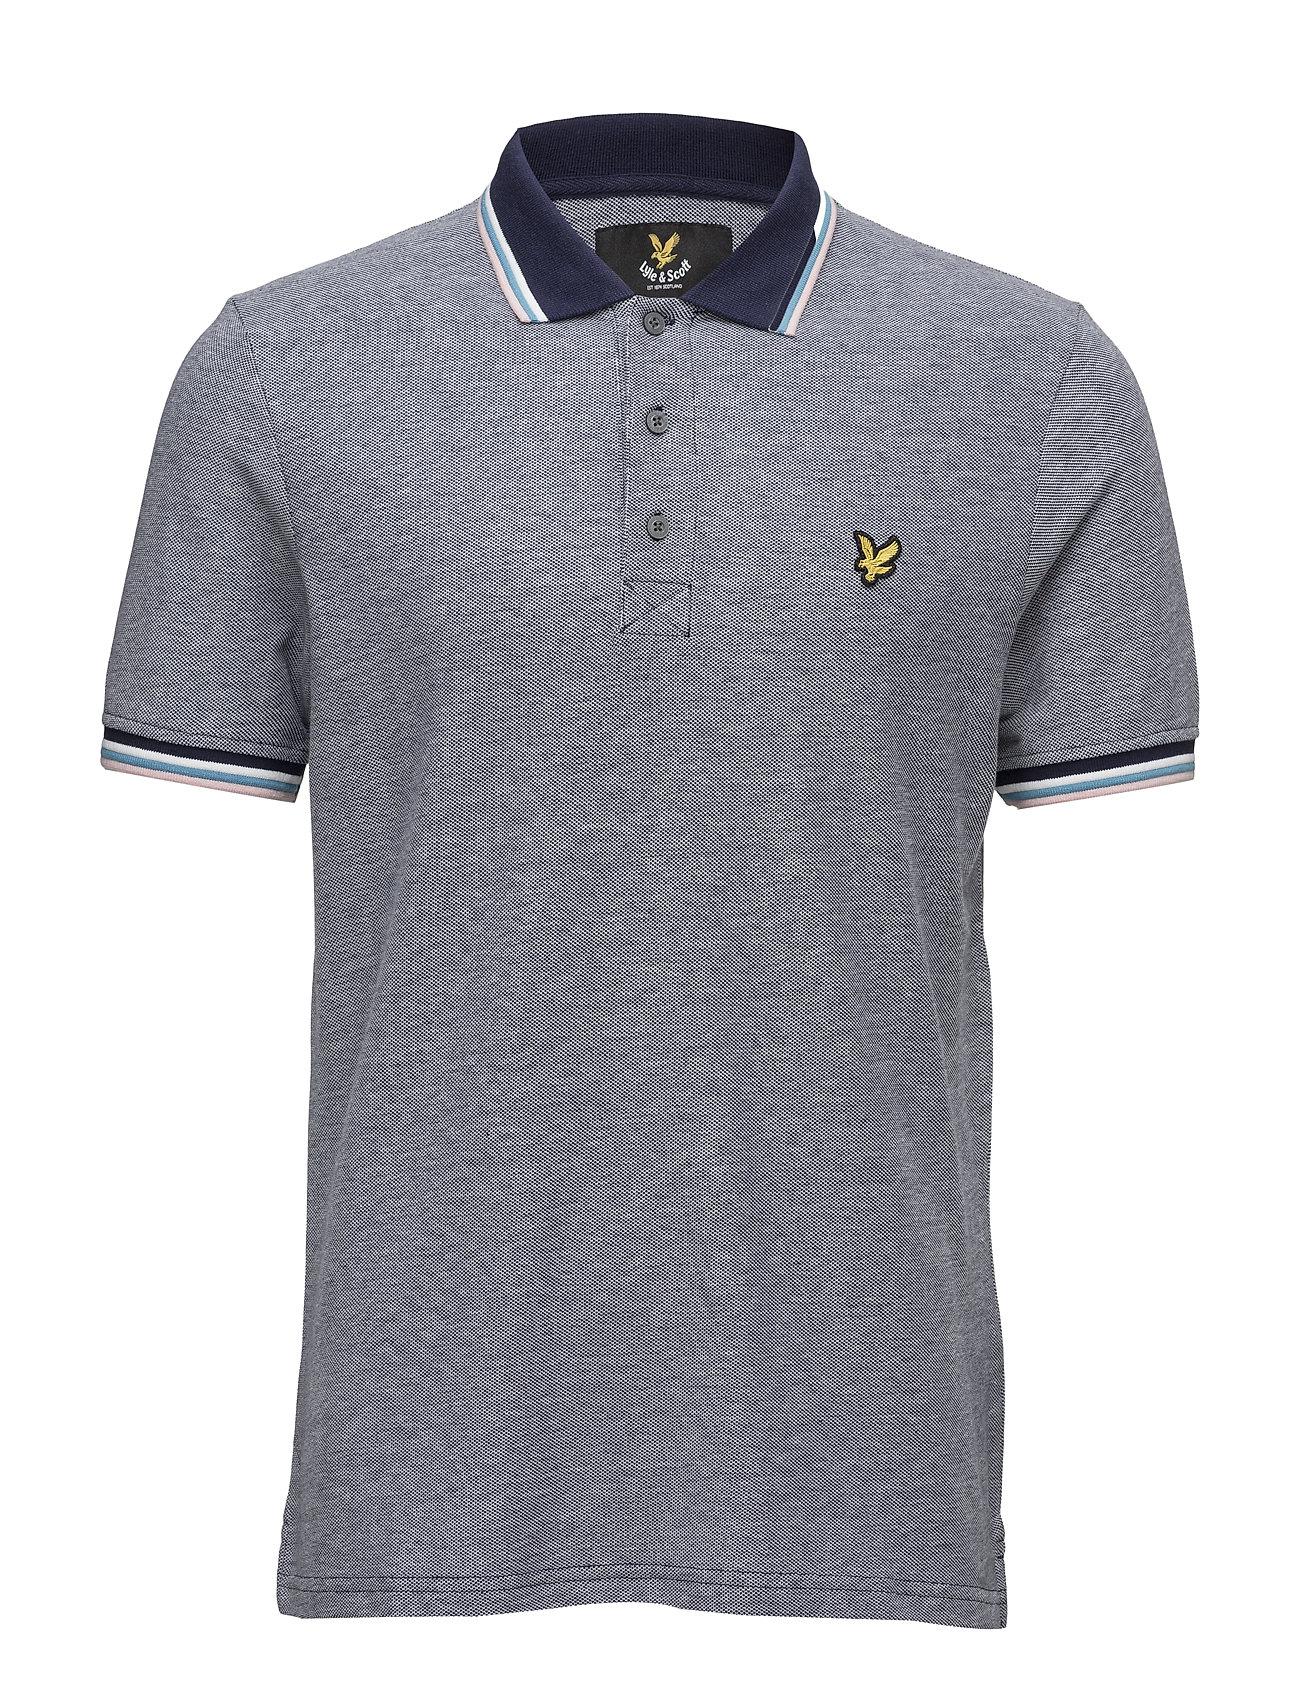 Tipped Polo Shirt Lyle & Scott Polo t-shirts til Mænd i Navy blå